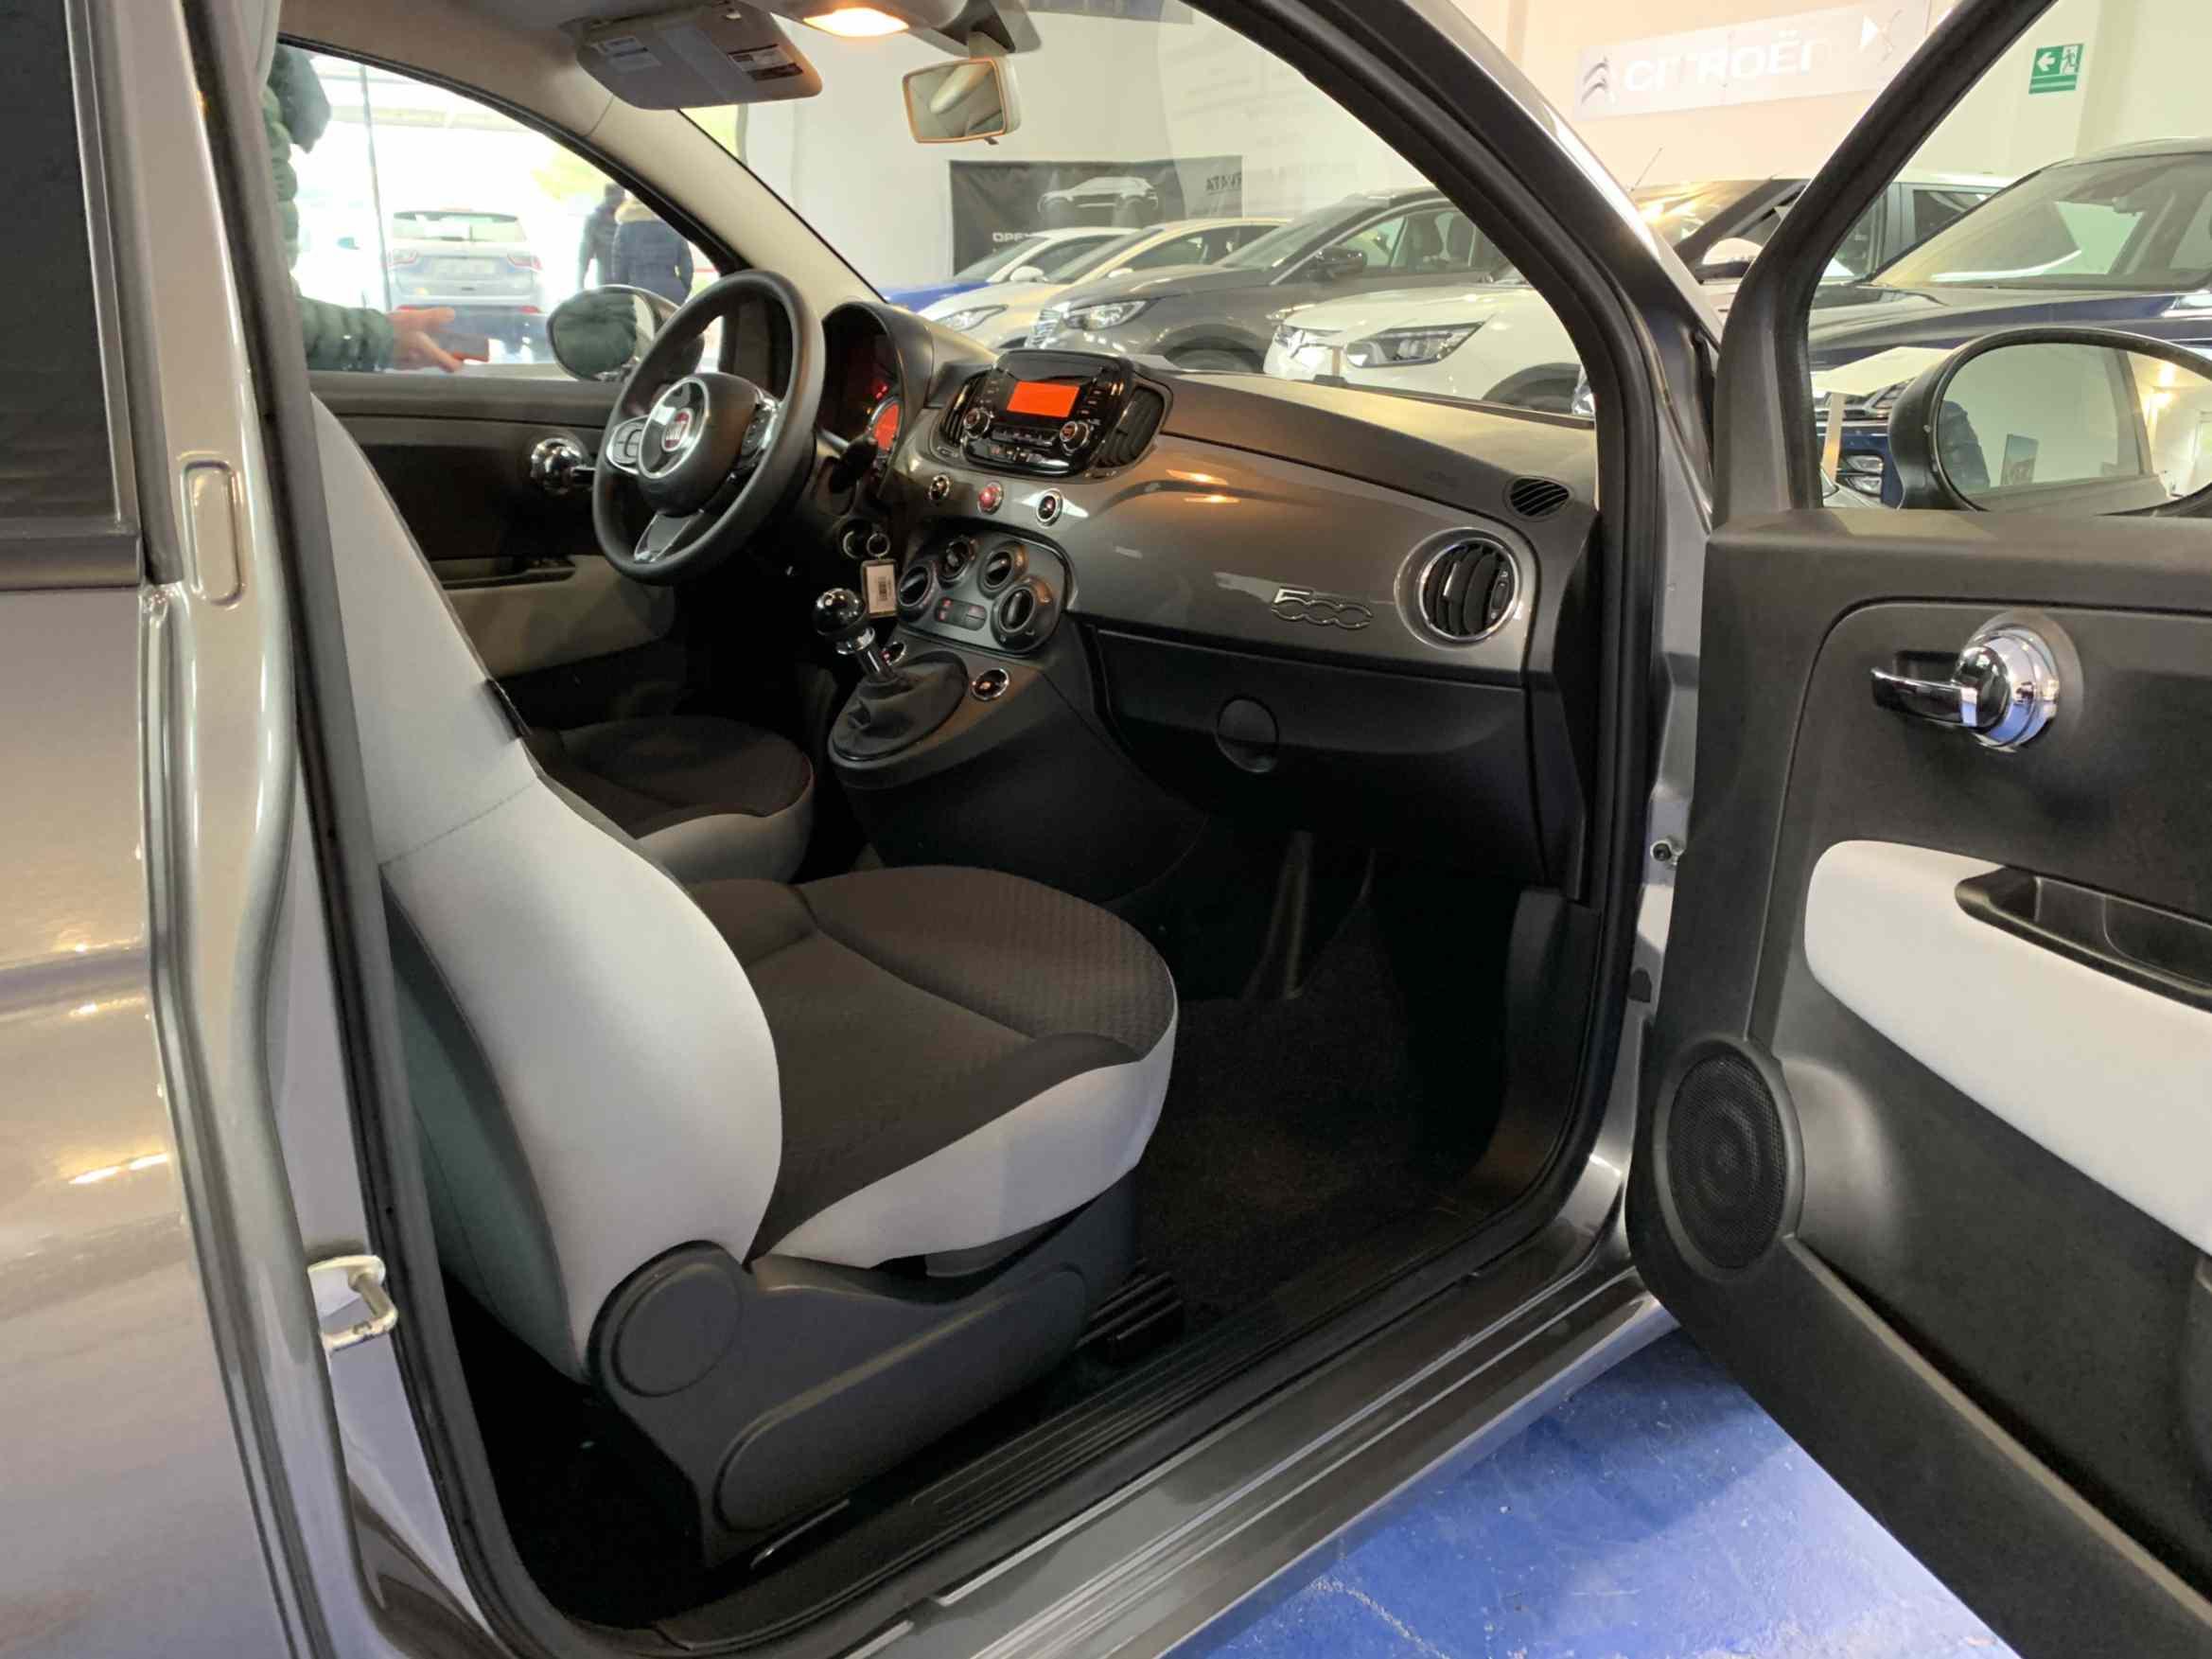 premium_vendita_auto_enna_sicilia_35